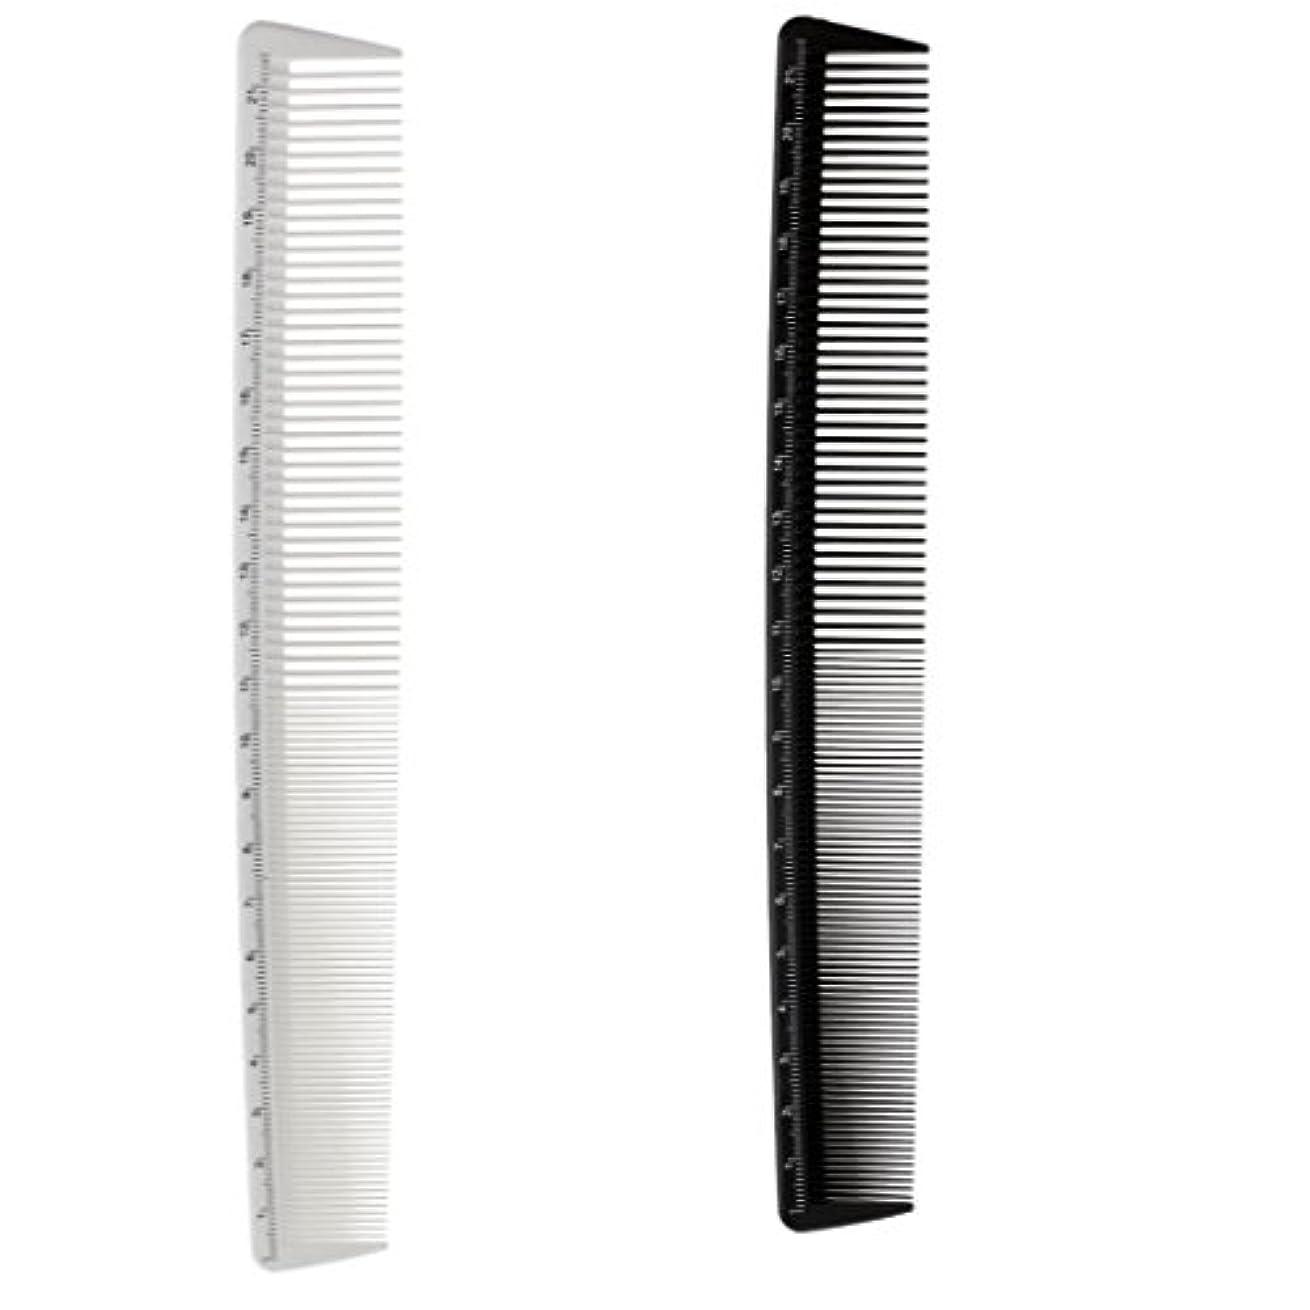 高いモチーフ設計CUTICATE 2倍の樹脂プロ細かい歯の櫛理髪師の髪のカットスタイリングの櫛のブラシツール